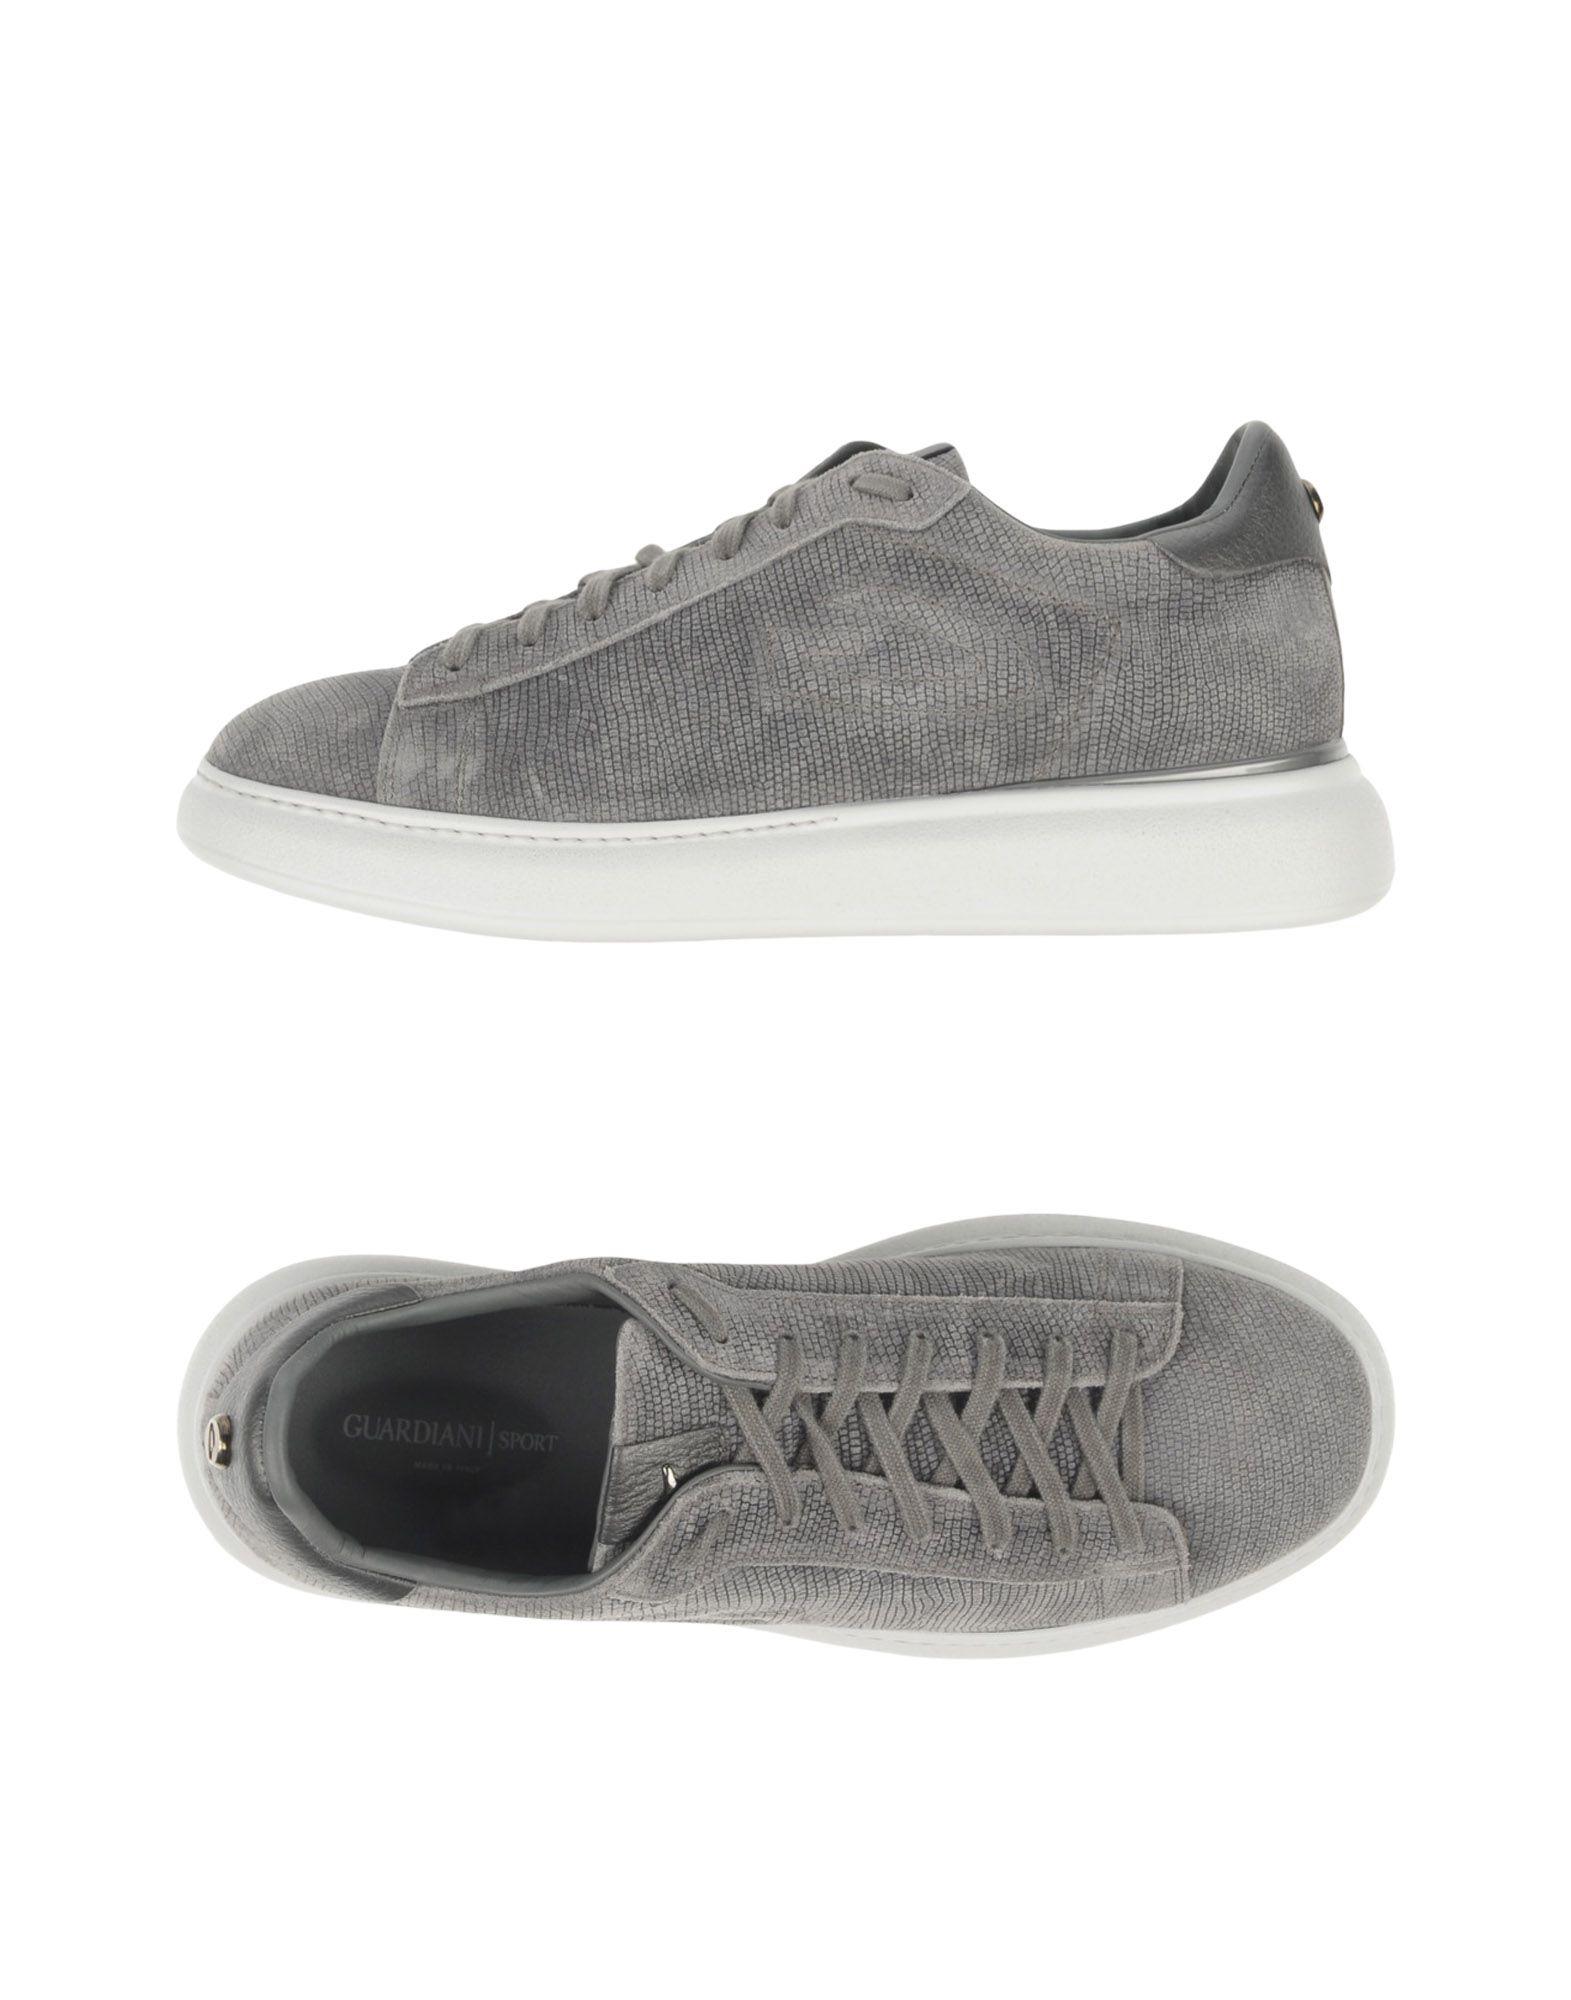 Rabatt echte Schuhe Alberto  Guardiani Sneakers Herren  Alberto 11232501WJ 8981c8